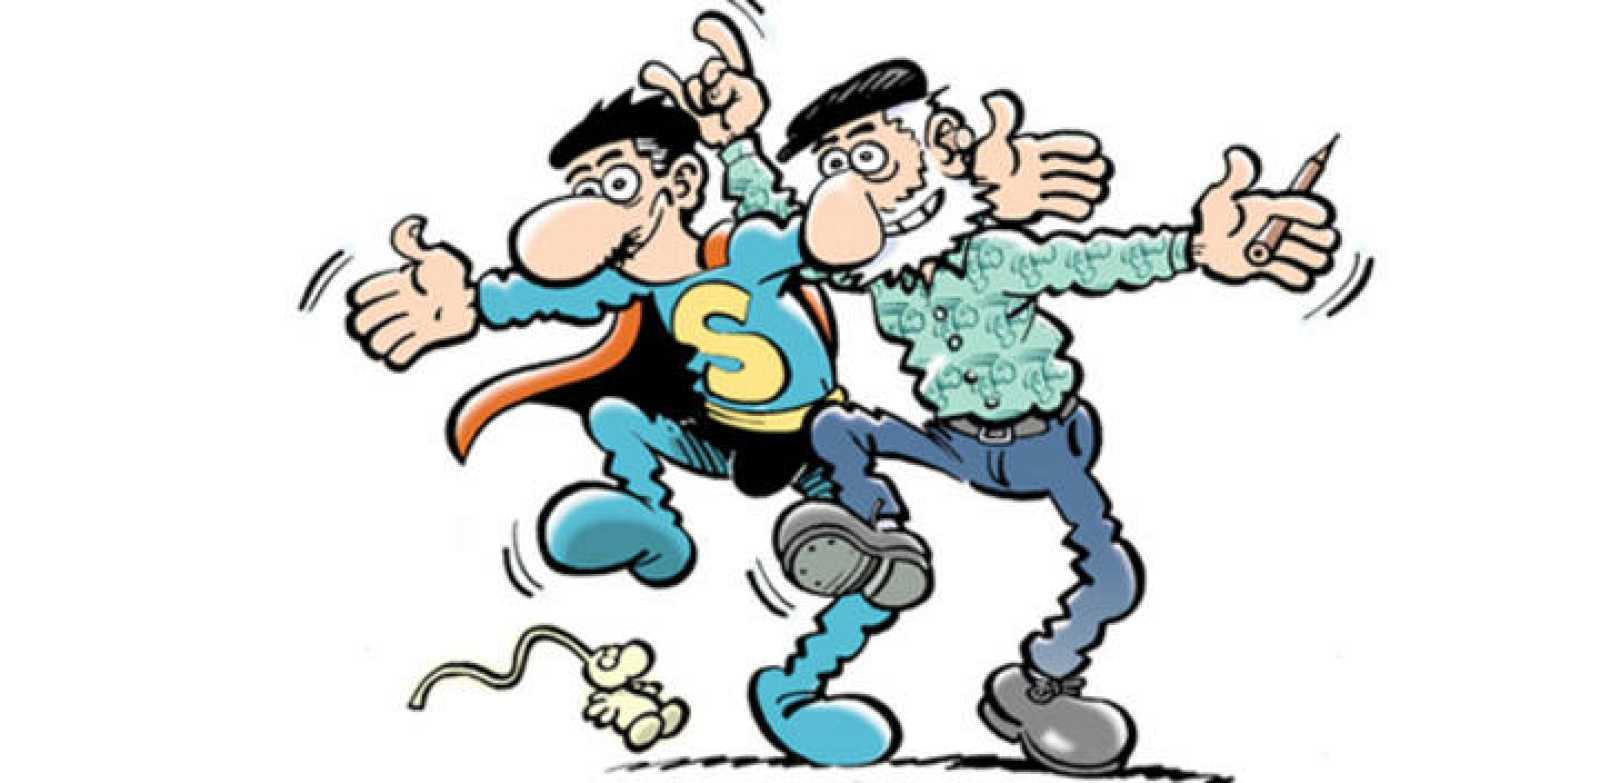 Autorretrato de Jan con Superlópez, su personaje más popular